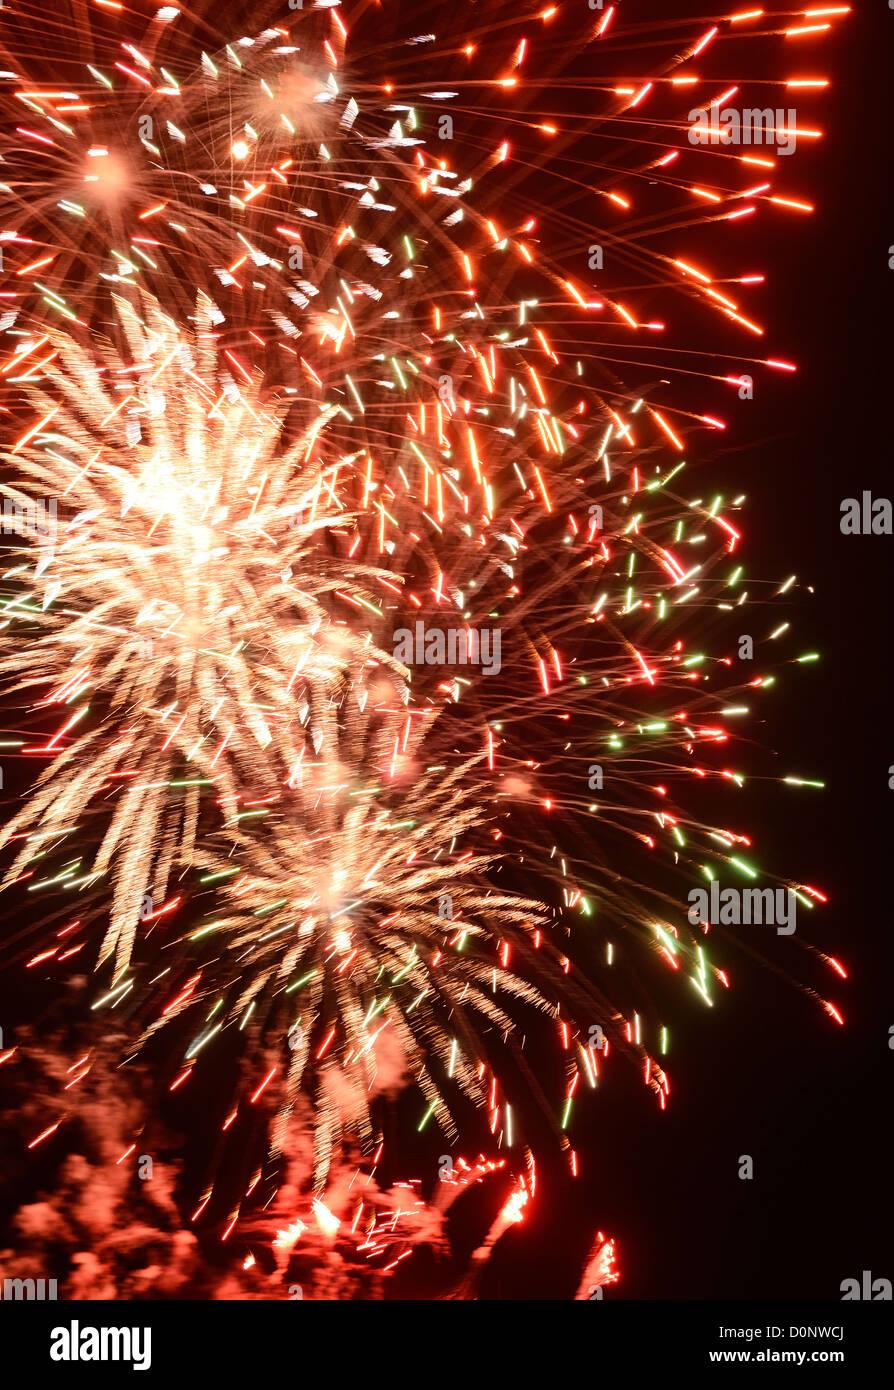 Fuochi d' artificio esplosione Immagini Stock